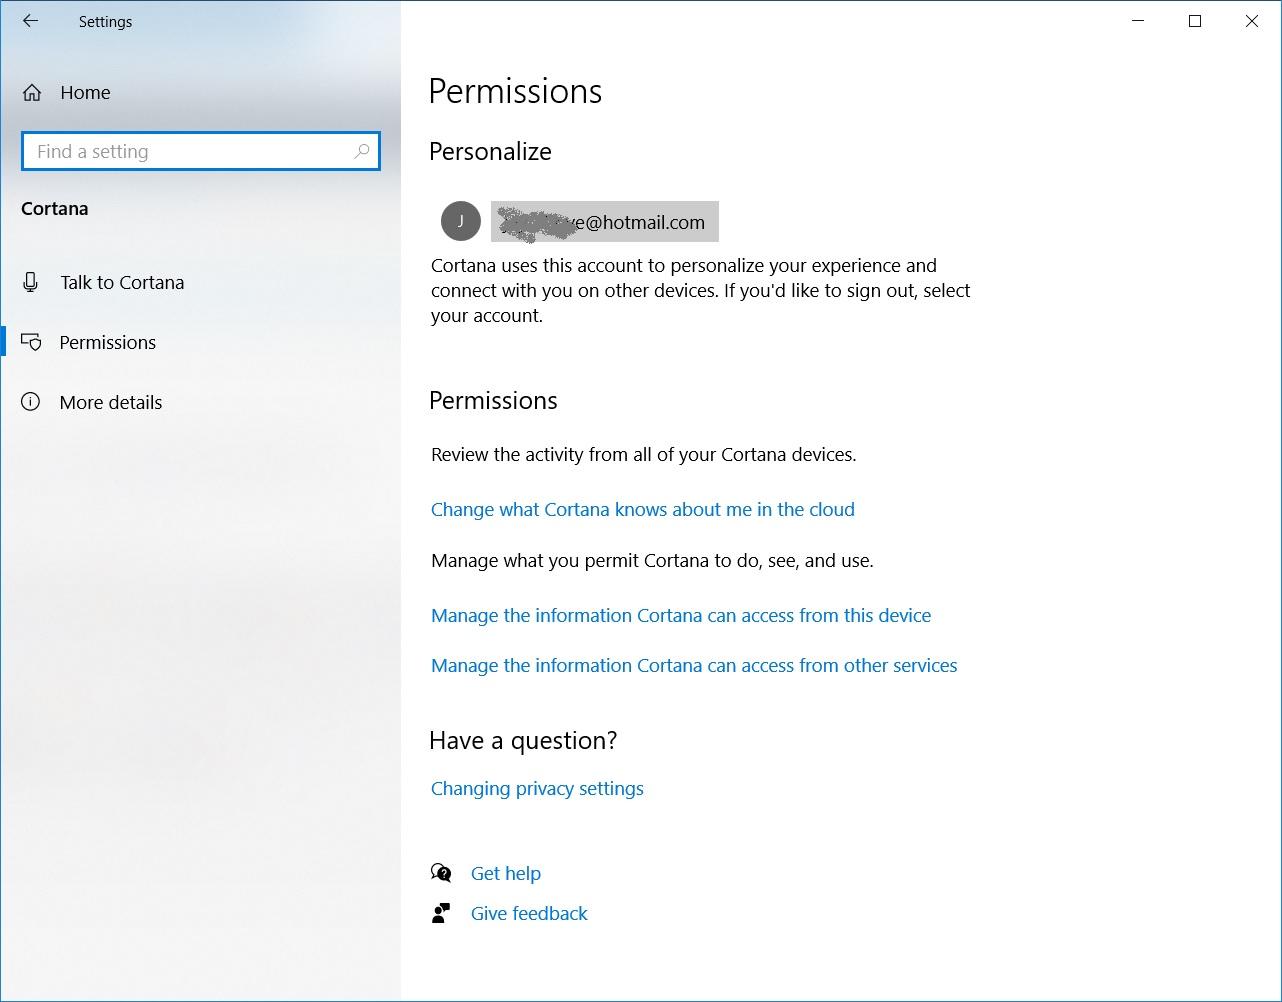 Windows 10 Pro vs Enterprise Search version? 948d9a6c-33ac-4905-8df2-5d7931d5153e?upload=true.jpg